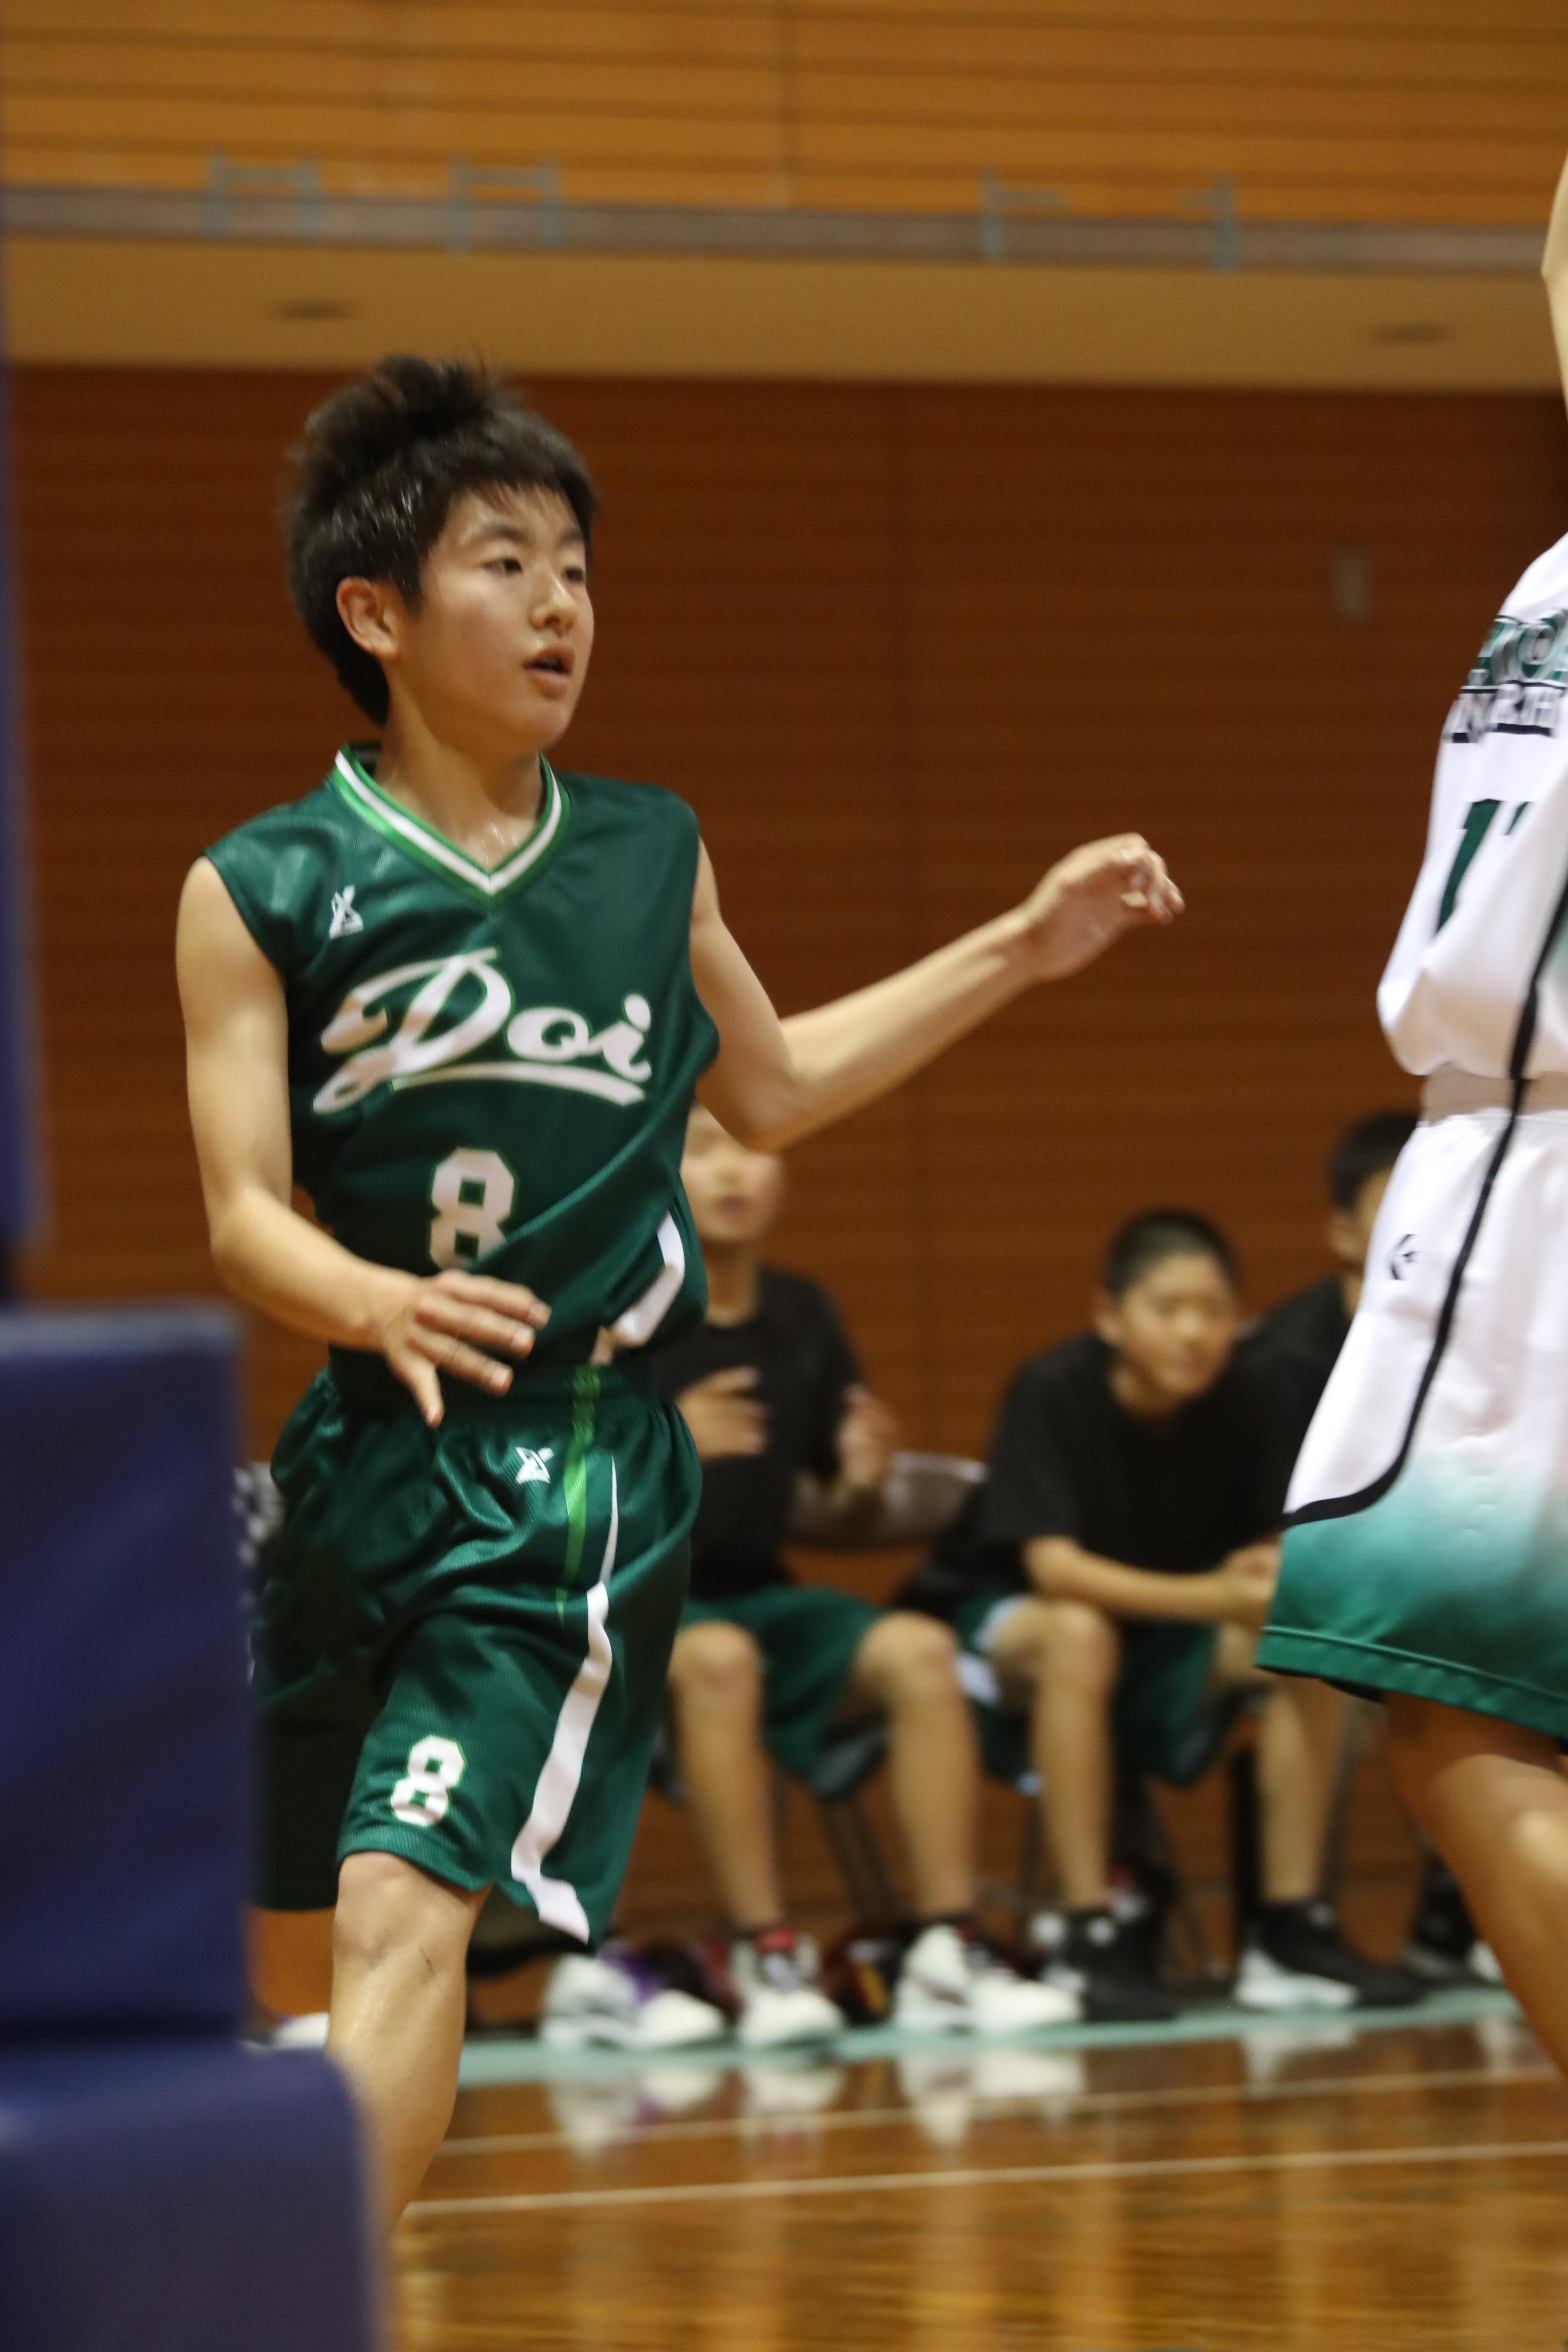 バスケット (214)